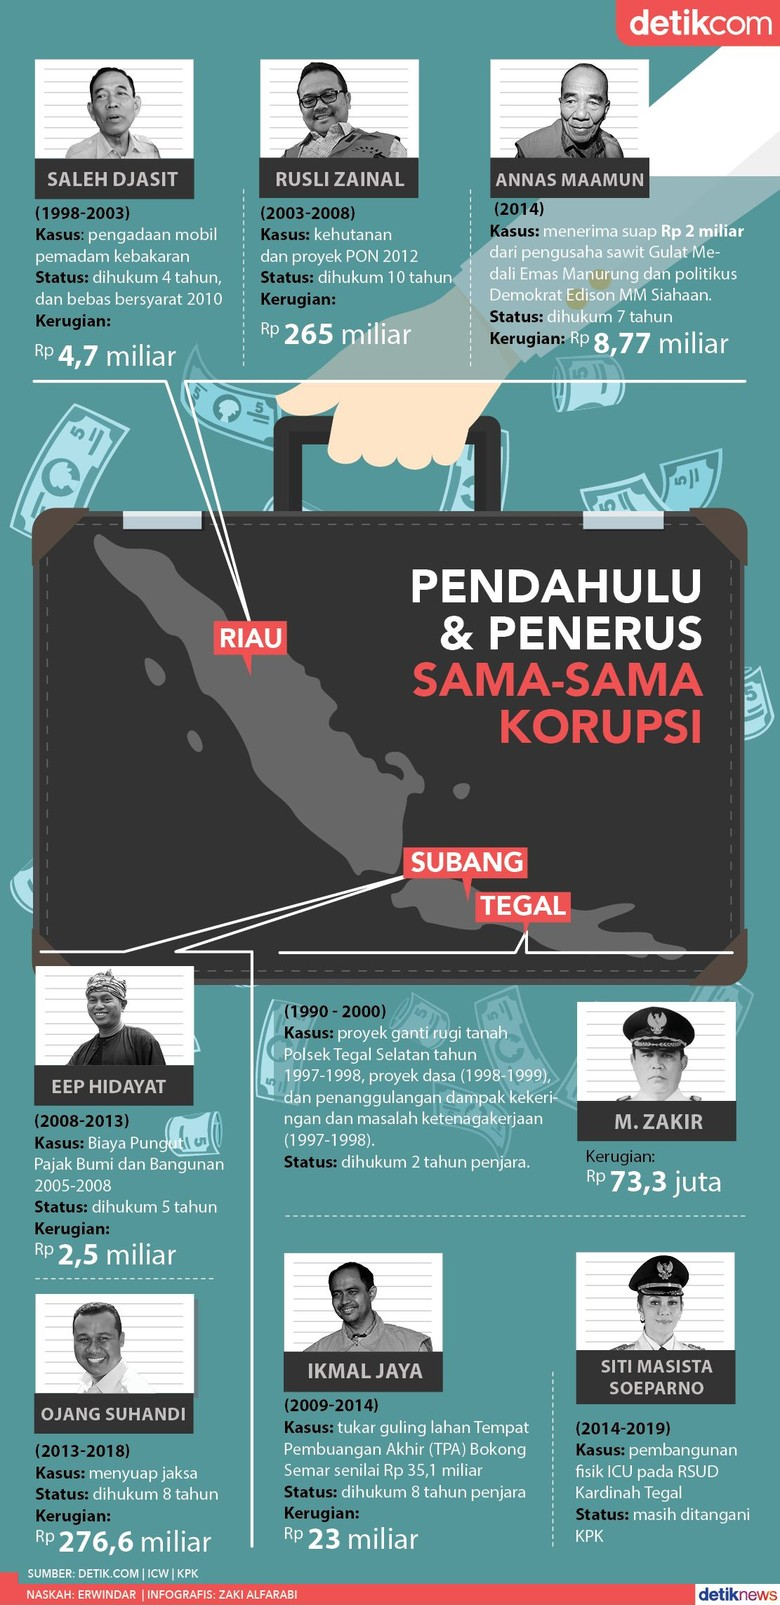 Estafet Korupsi Kepala Daerah